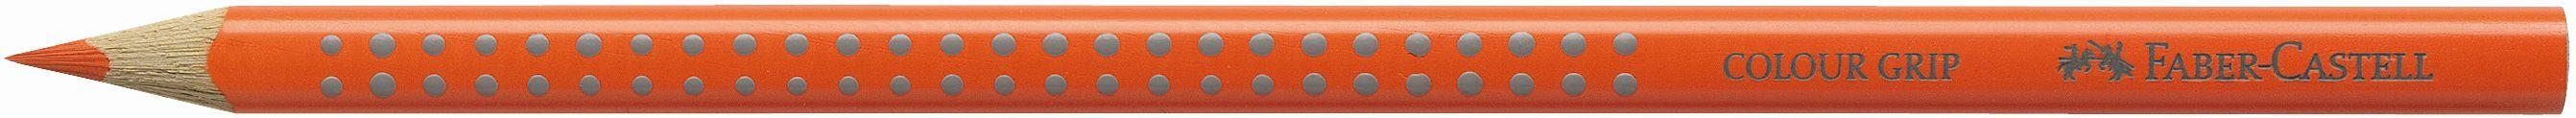 Pastelka Color Grip / 115 tmavá kadmiová oranžová Faber Castell - Akvarelové pastelky Faber Castell - Akvarelové pastelky